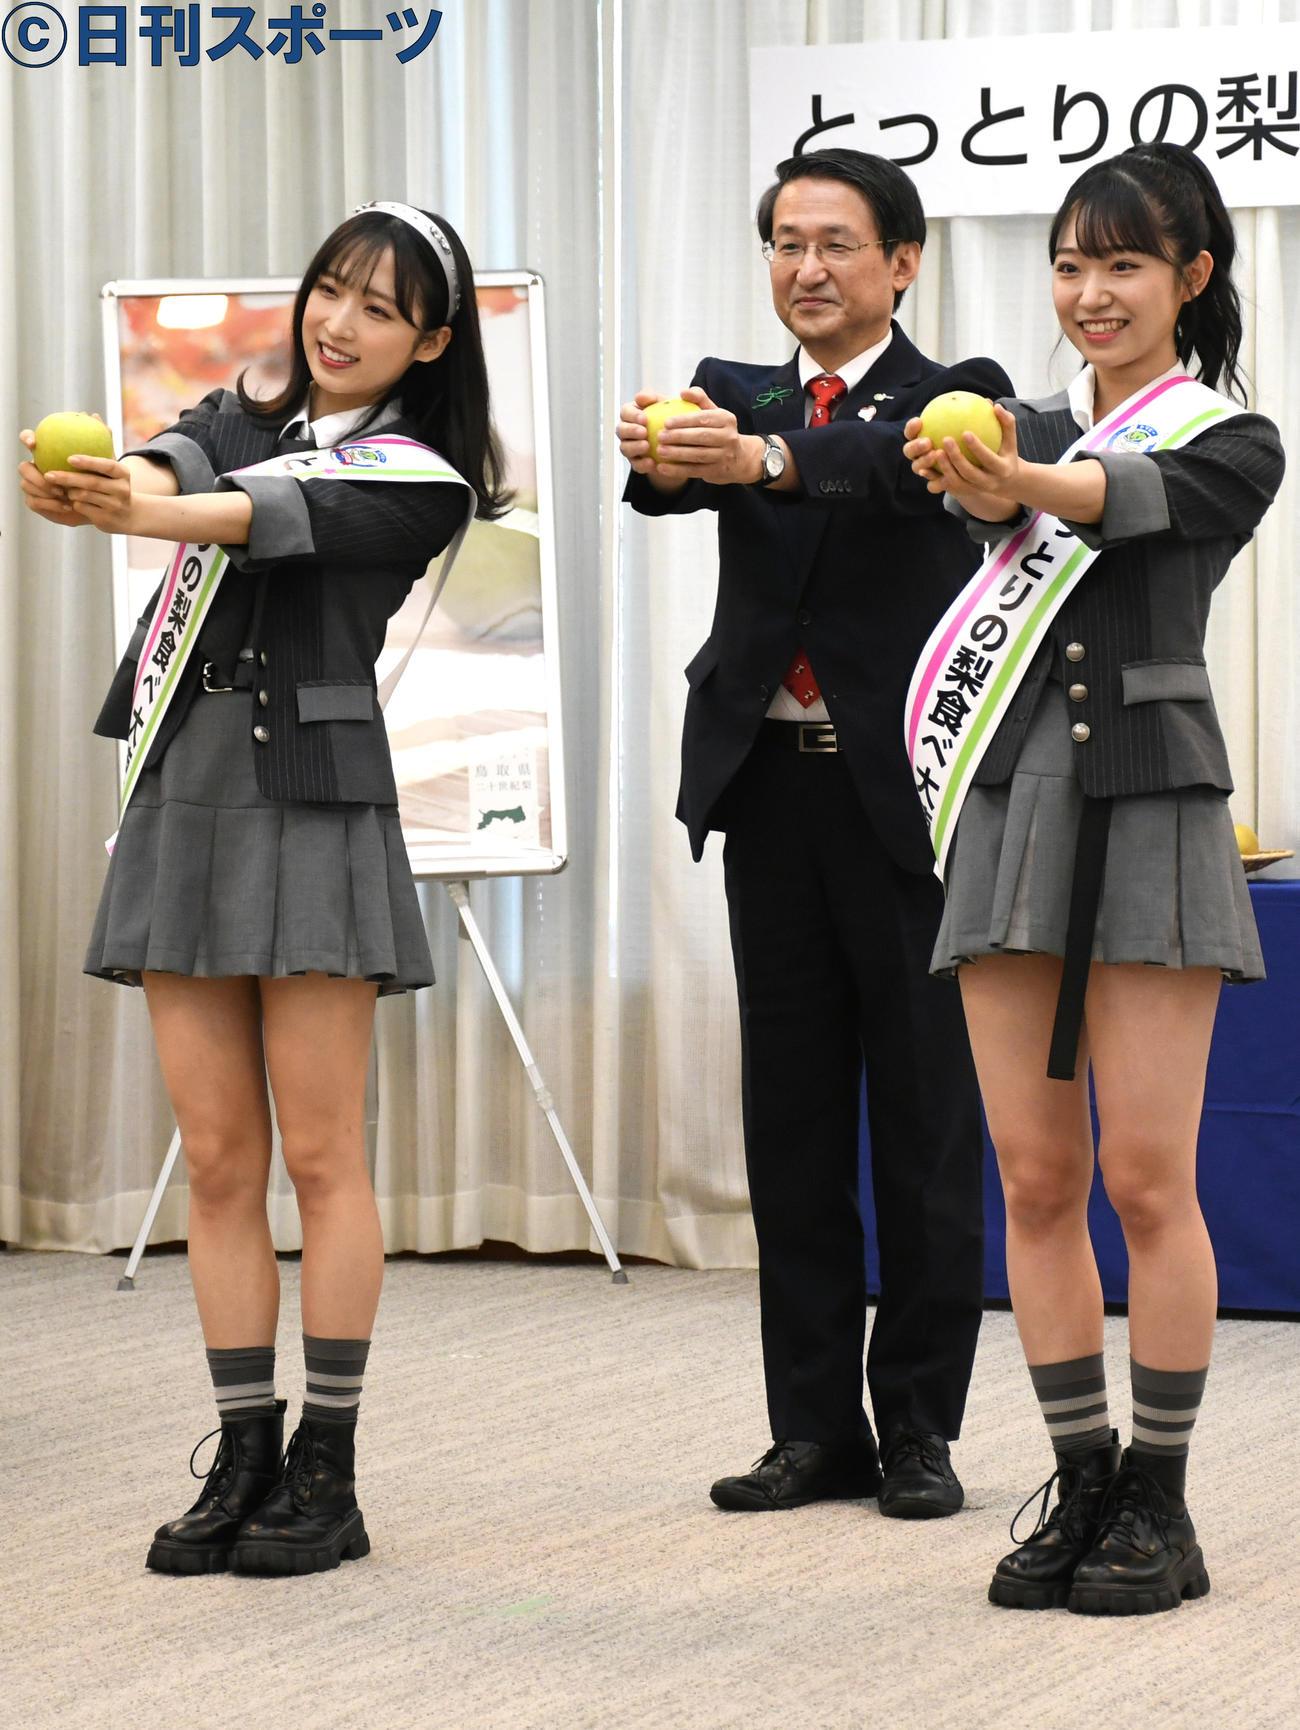 「とっとりの梨食べ大使」任命式で梨ダンスを披露するAKB48の、左から小栗有以、平井伸治知事、山内瑞葵(撮影・大友陽平)